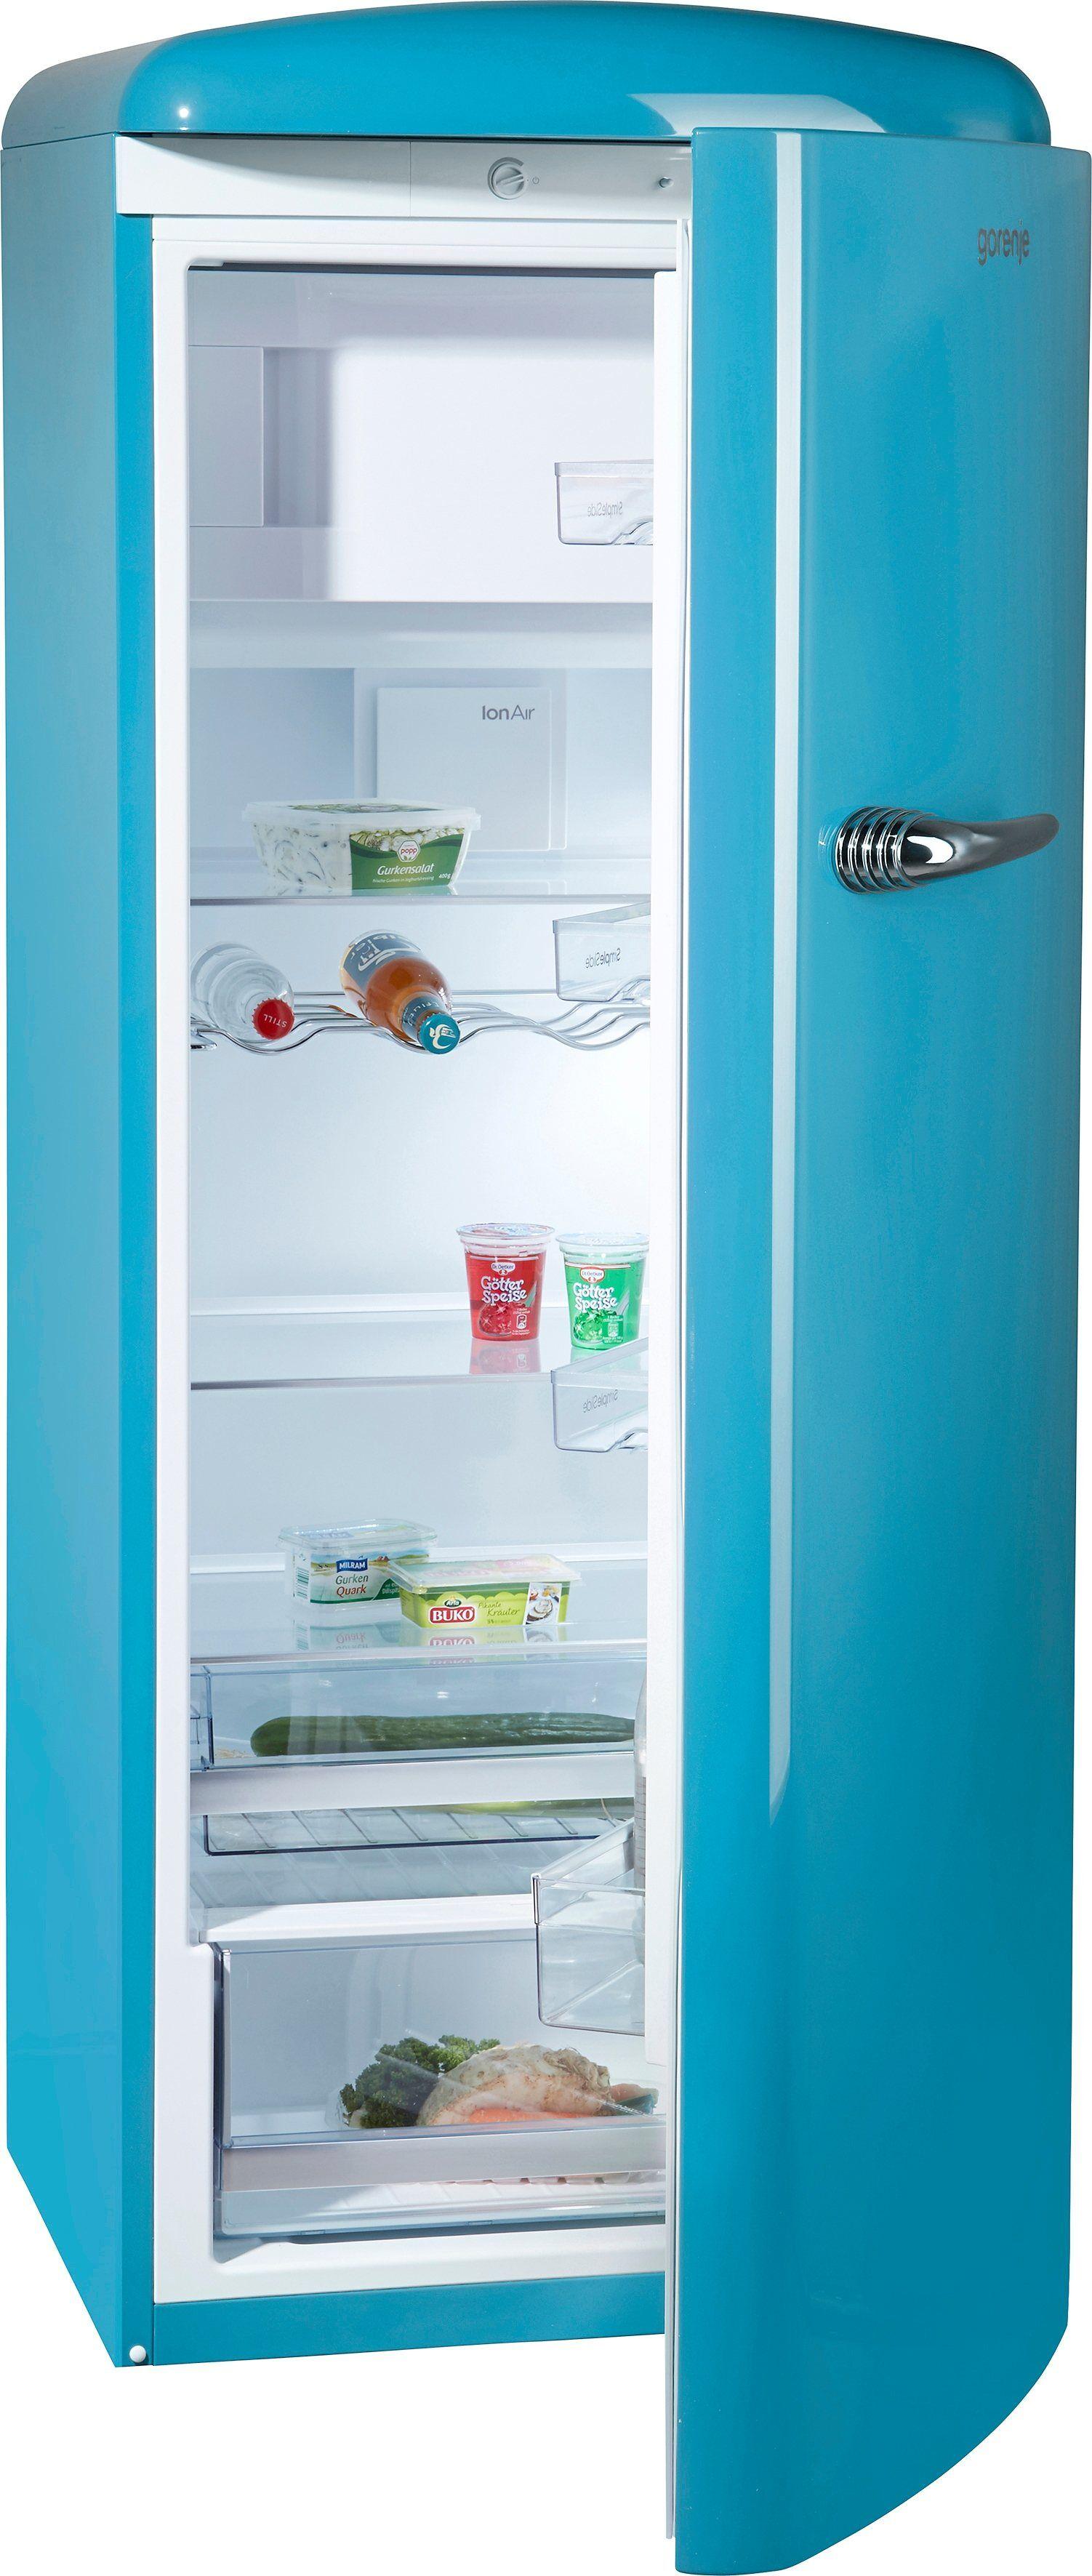 Gorenje Kühlschrank ORB 153 BL, 154 cm hoch, 60 cm breit, 154 cm hoch, 60 cm breit, baby blue, Energieeffizienzklasse A+++